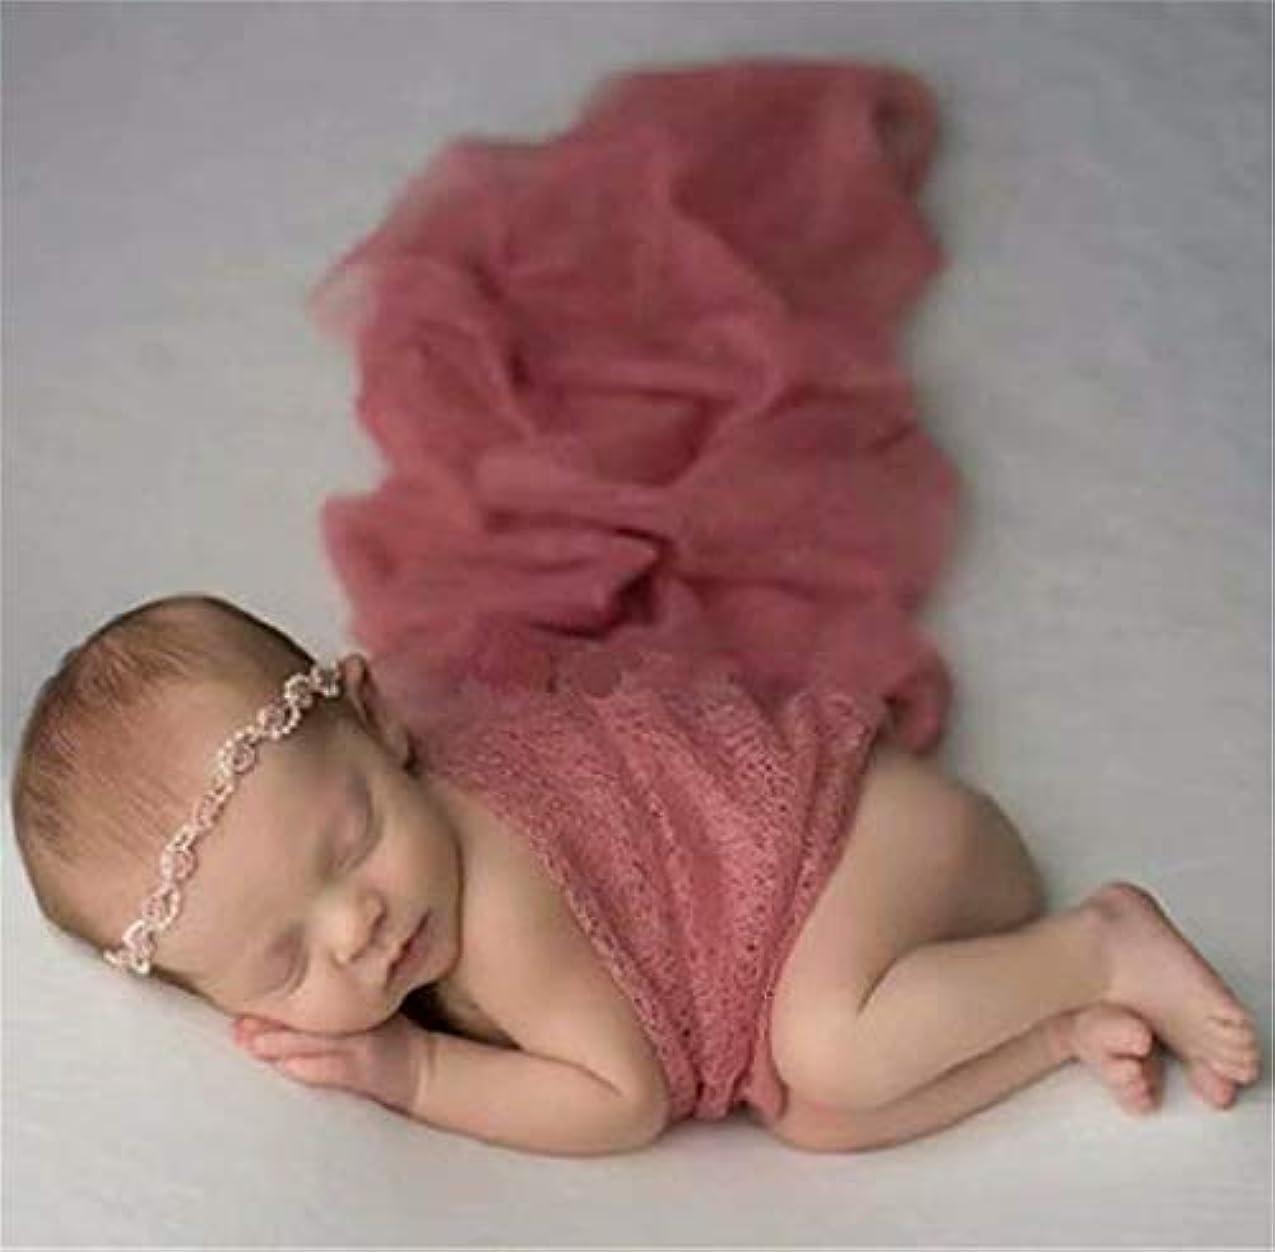 もろい幸福アルカイック七里の香 生まれたばかりの赤ちゃんの写真の衣装 赤ちゃんの男の子の女の子の写真撮影のための新生児の写真の小道具毛布のたたきレースのラップ 赤ちゃん用